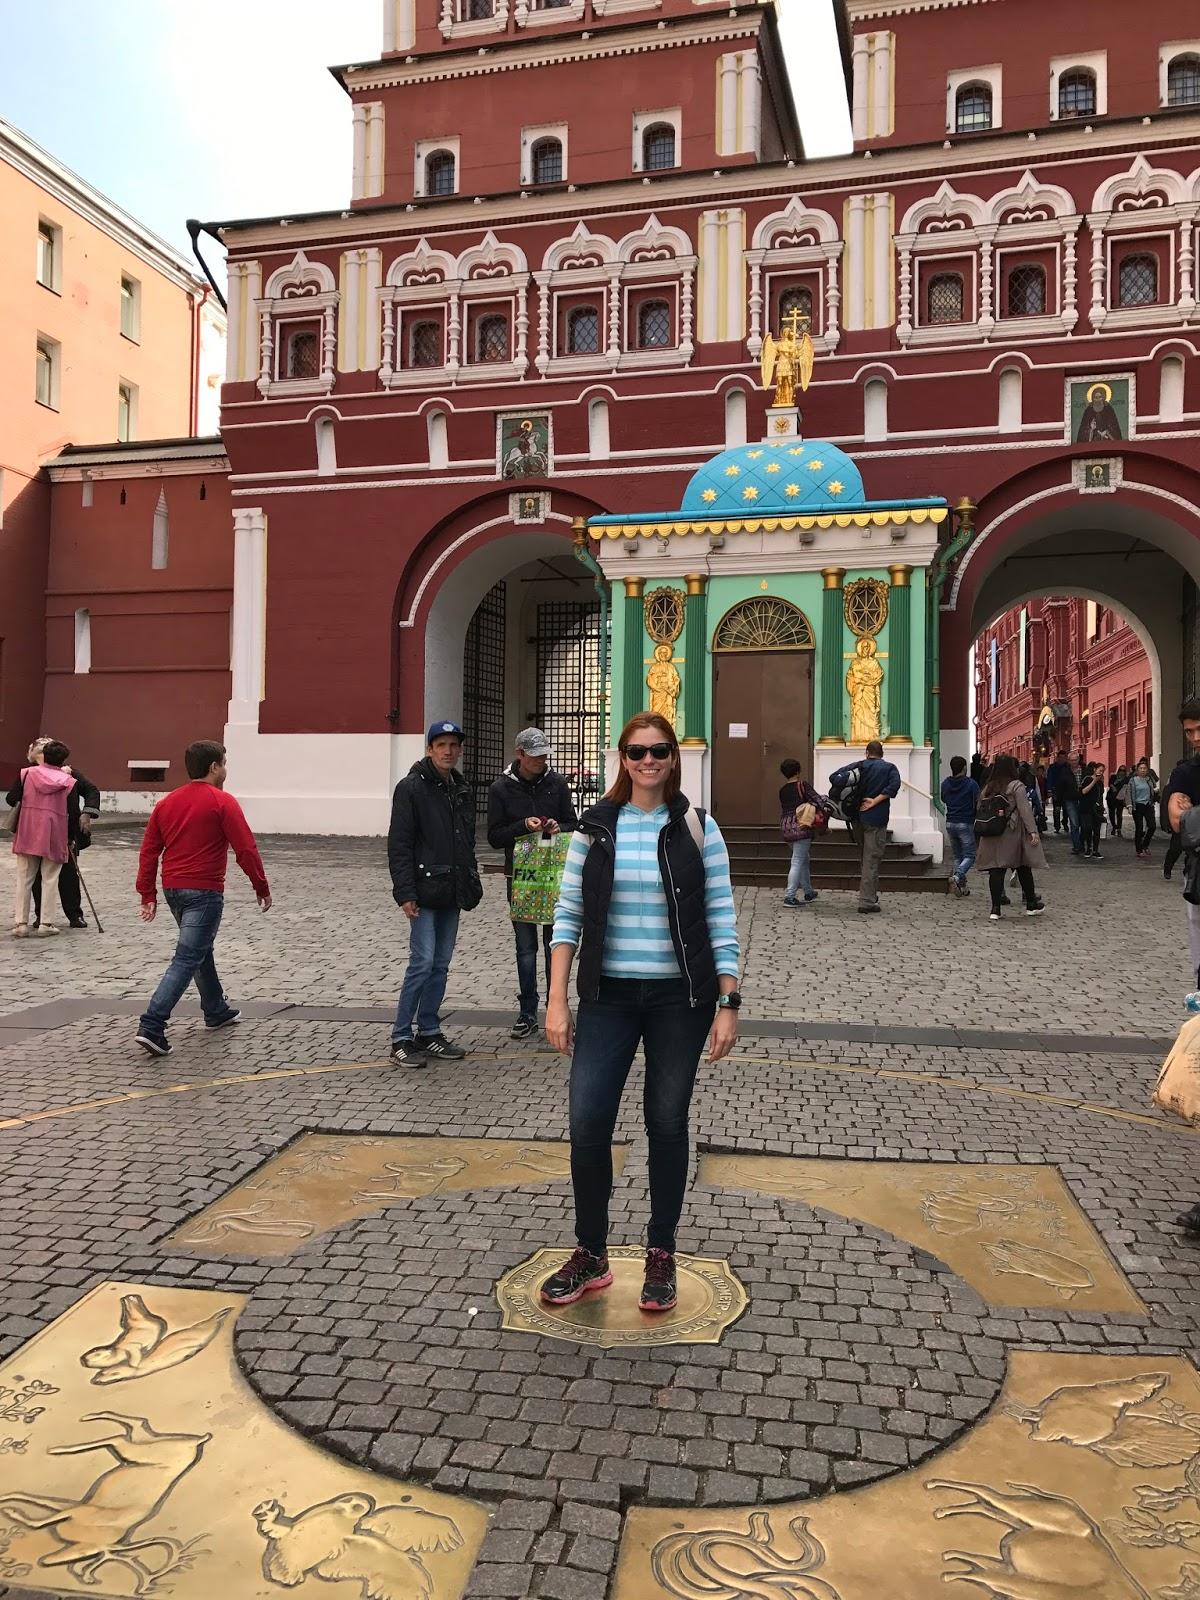 Porta da Ressurreição e km 0 de Moscou